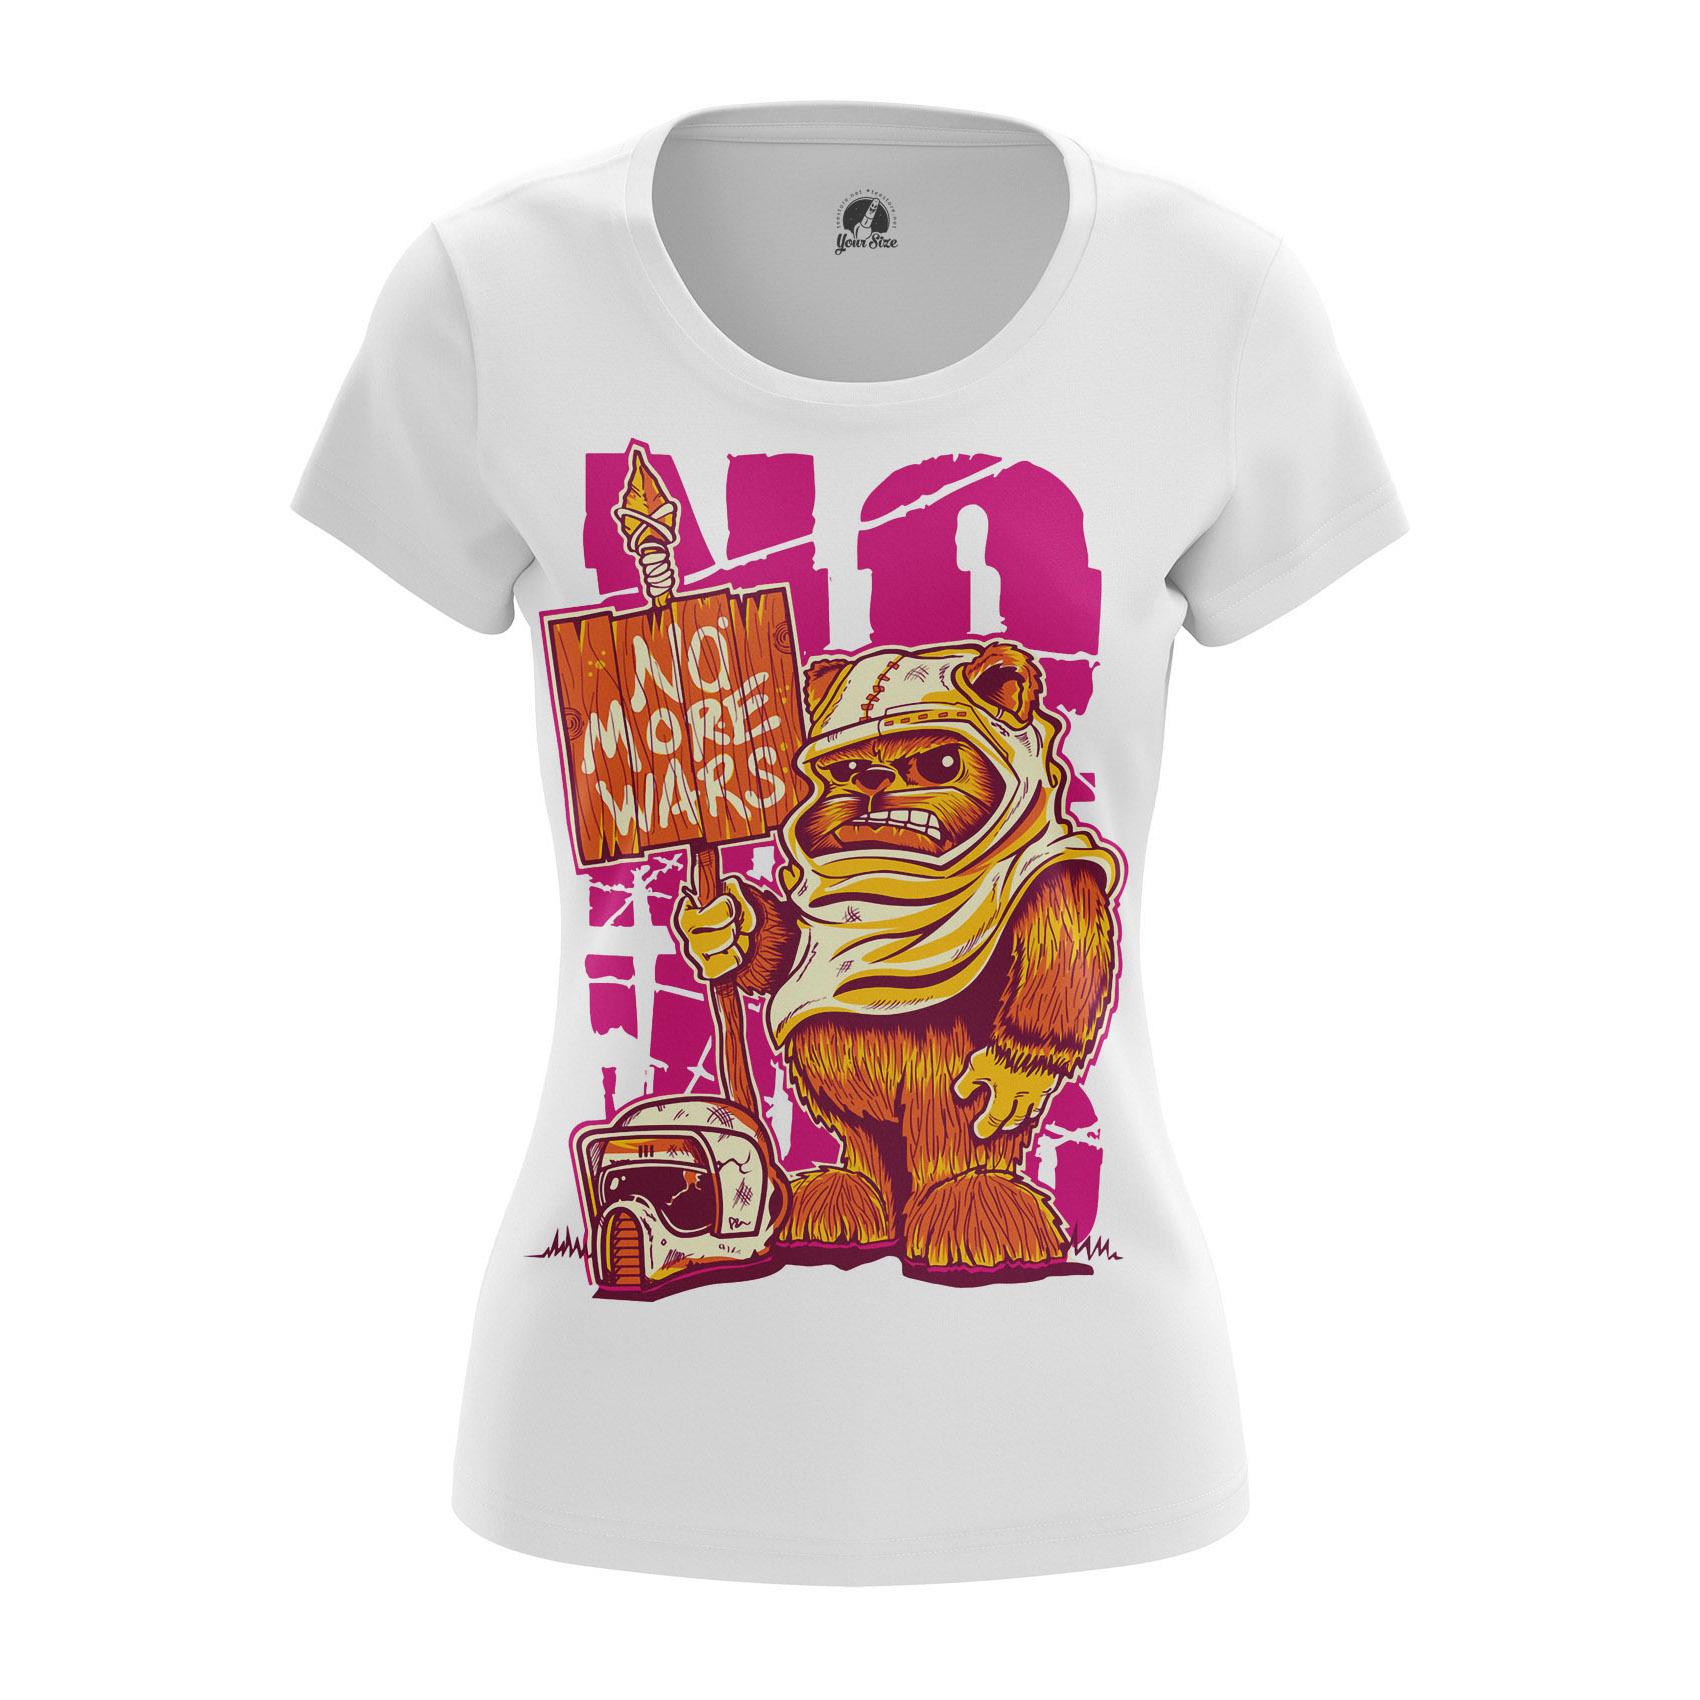 Женская футболка Звездные Войны No wars - Fandbox 43e3c0ef285